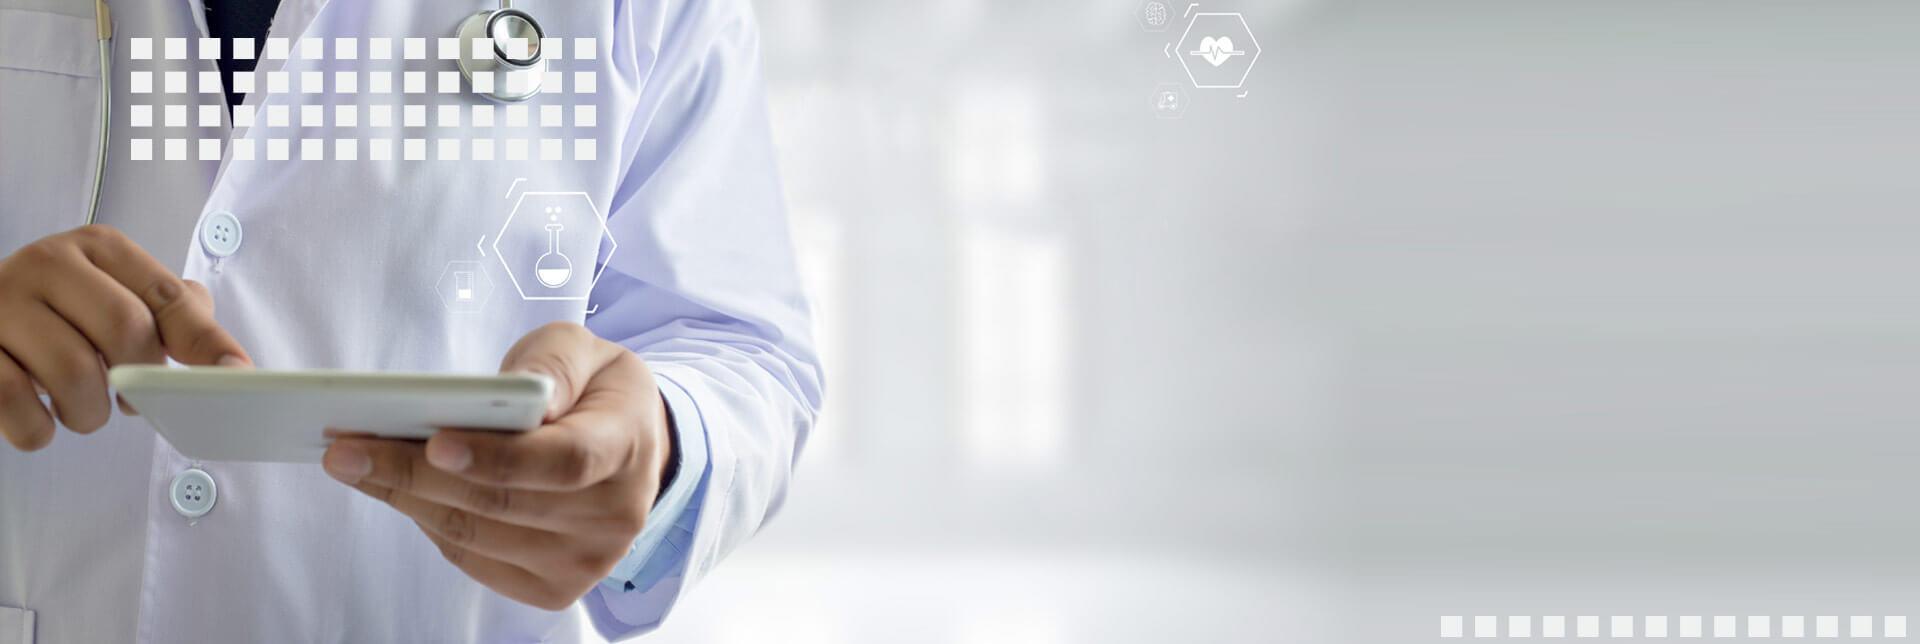 soly health care bg slider